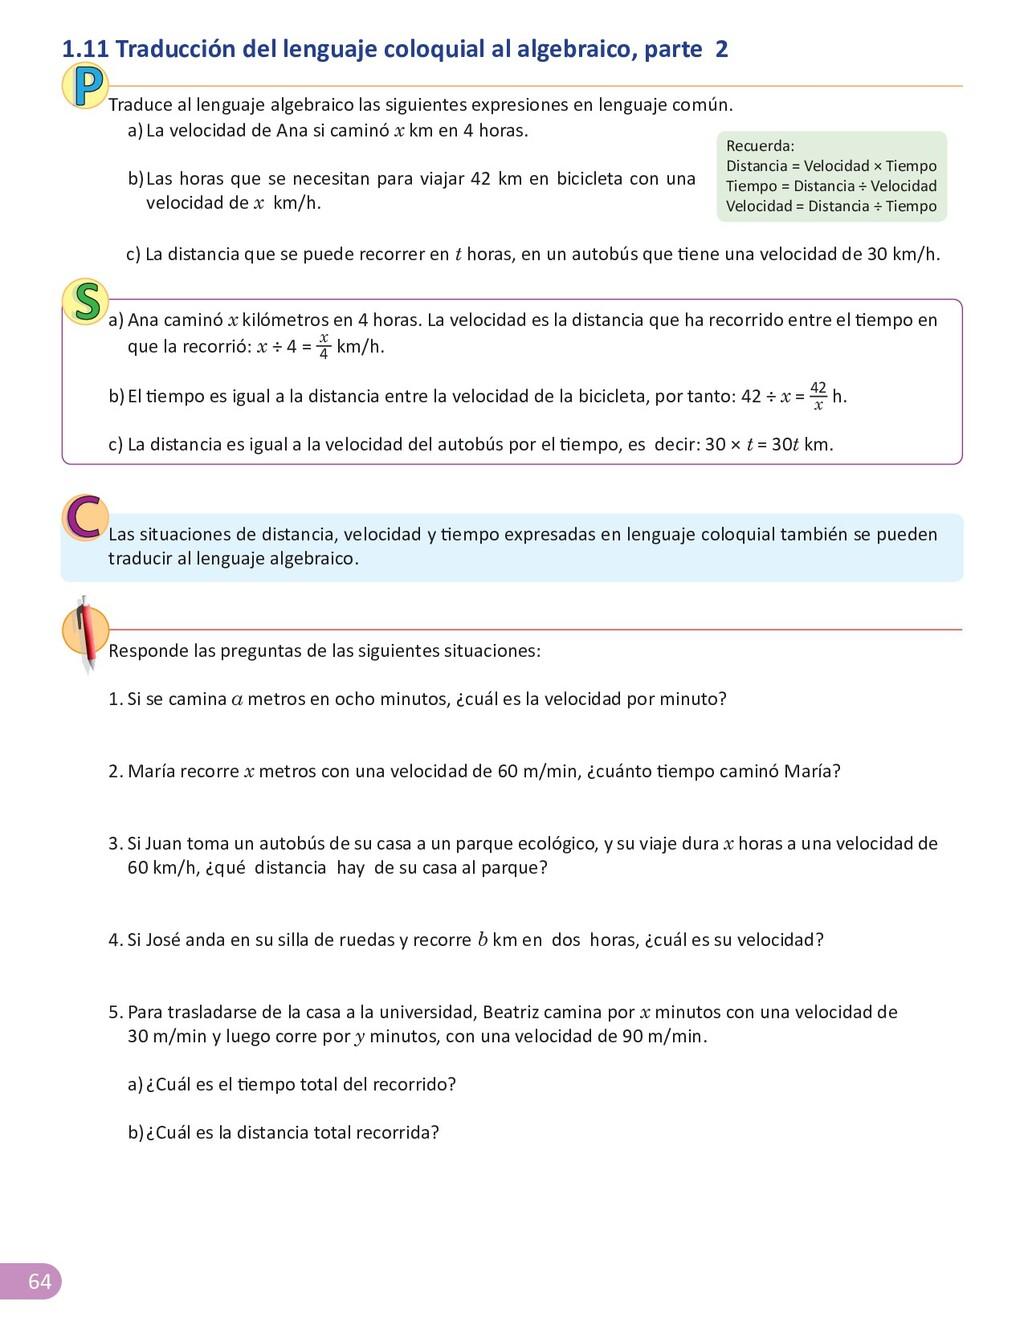 64 1.11 Traducción del lenguaje coloquial al al...